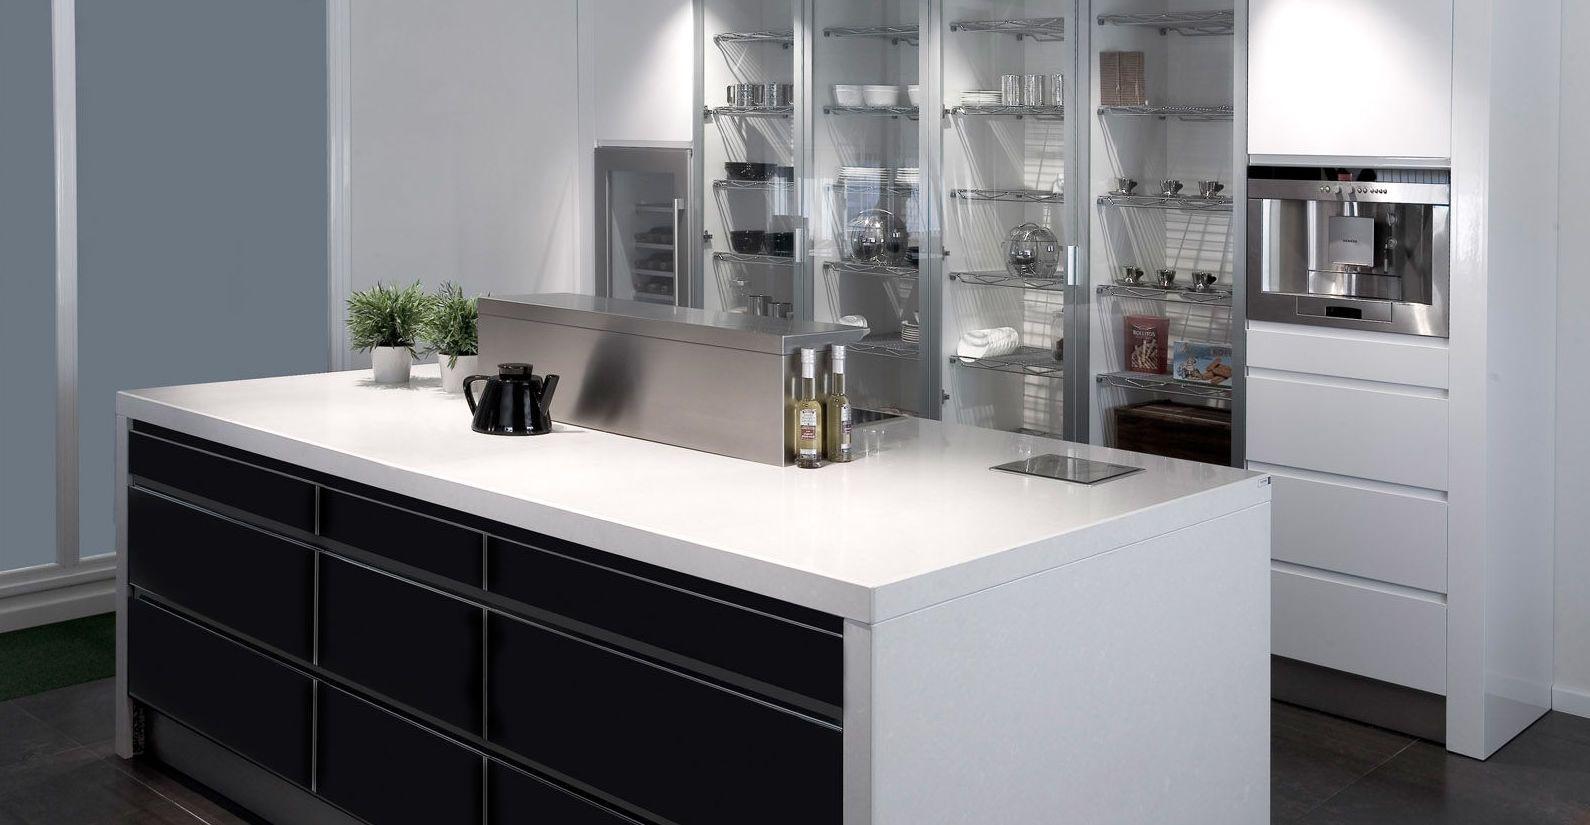 muebles de cocina y baño en valladolid - muebles decoración frontela - Muebles De Cocina Y Bano